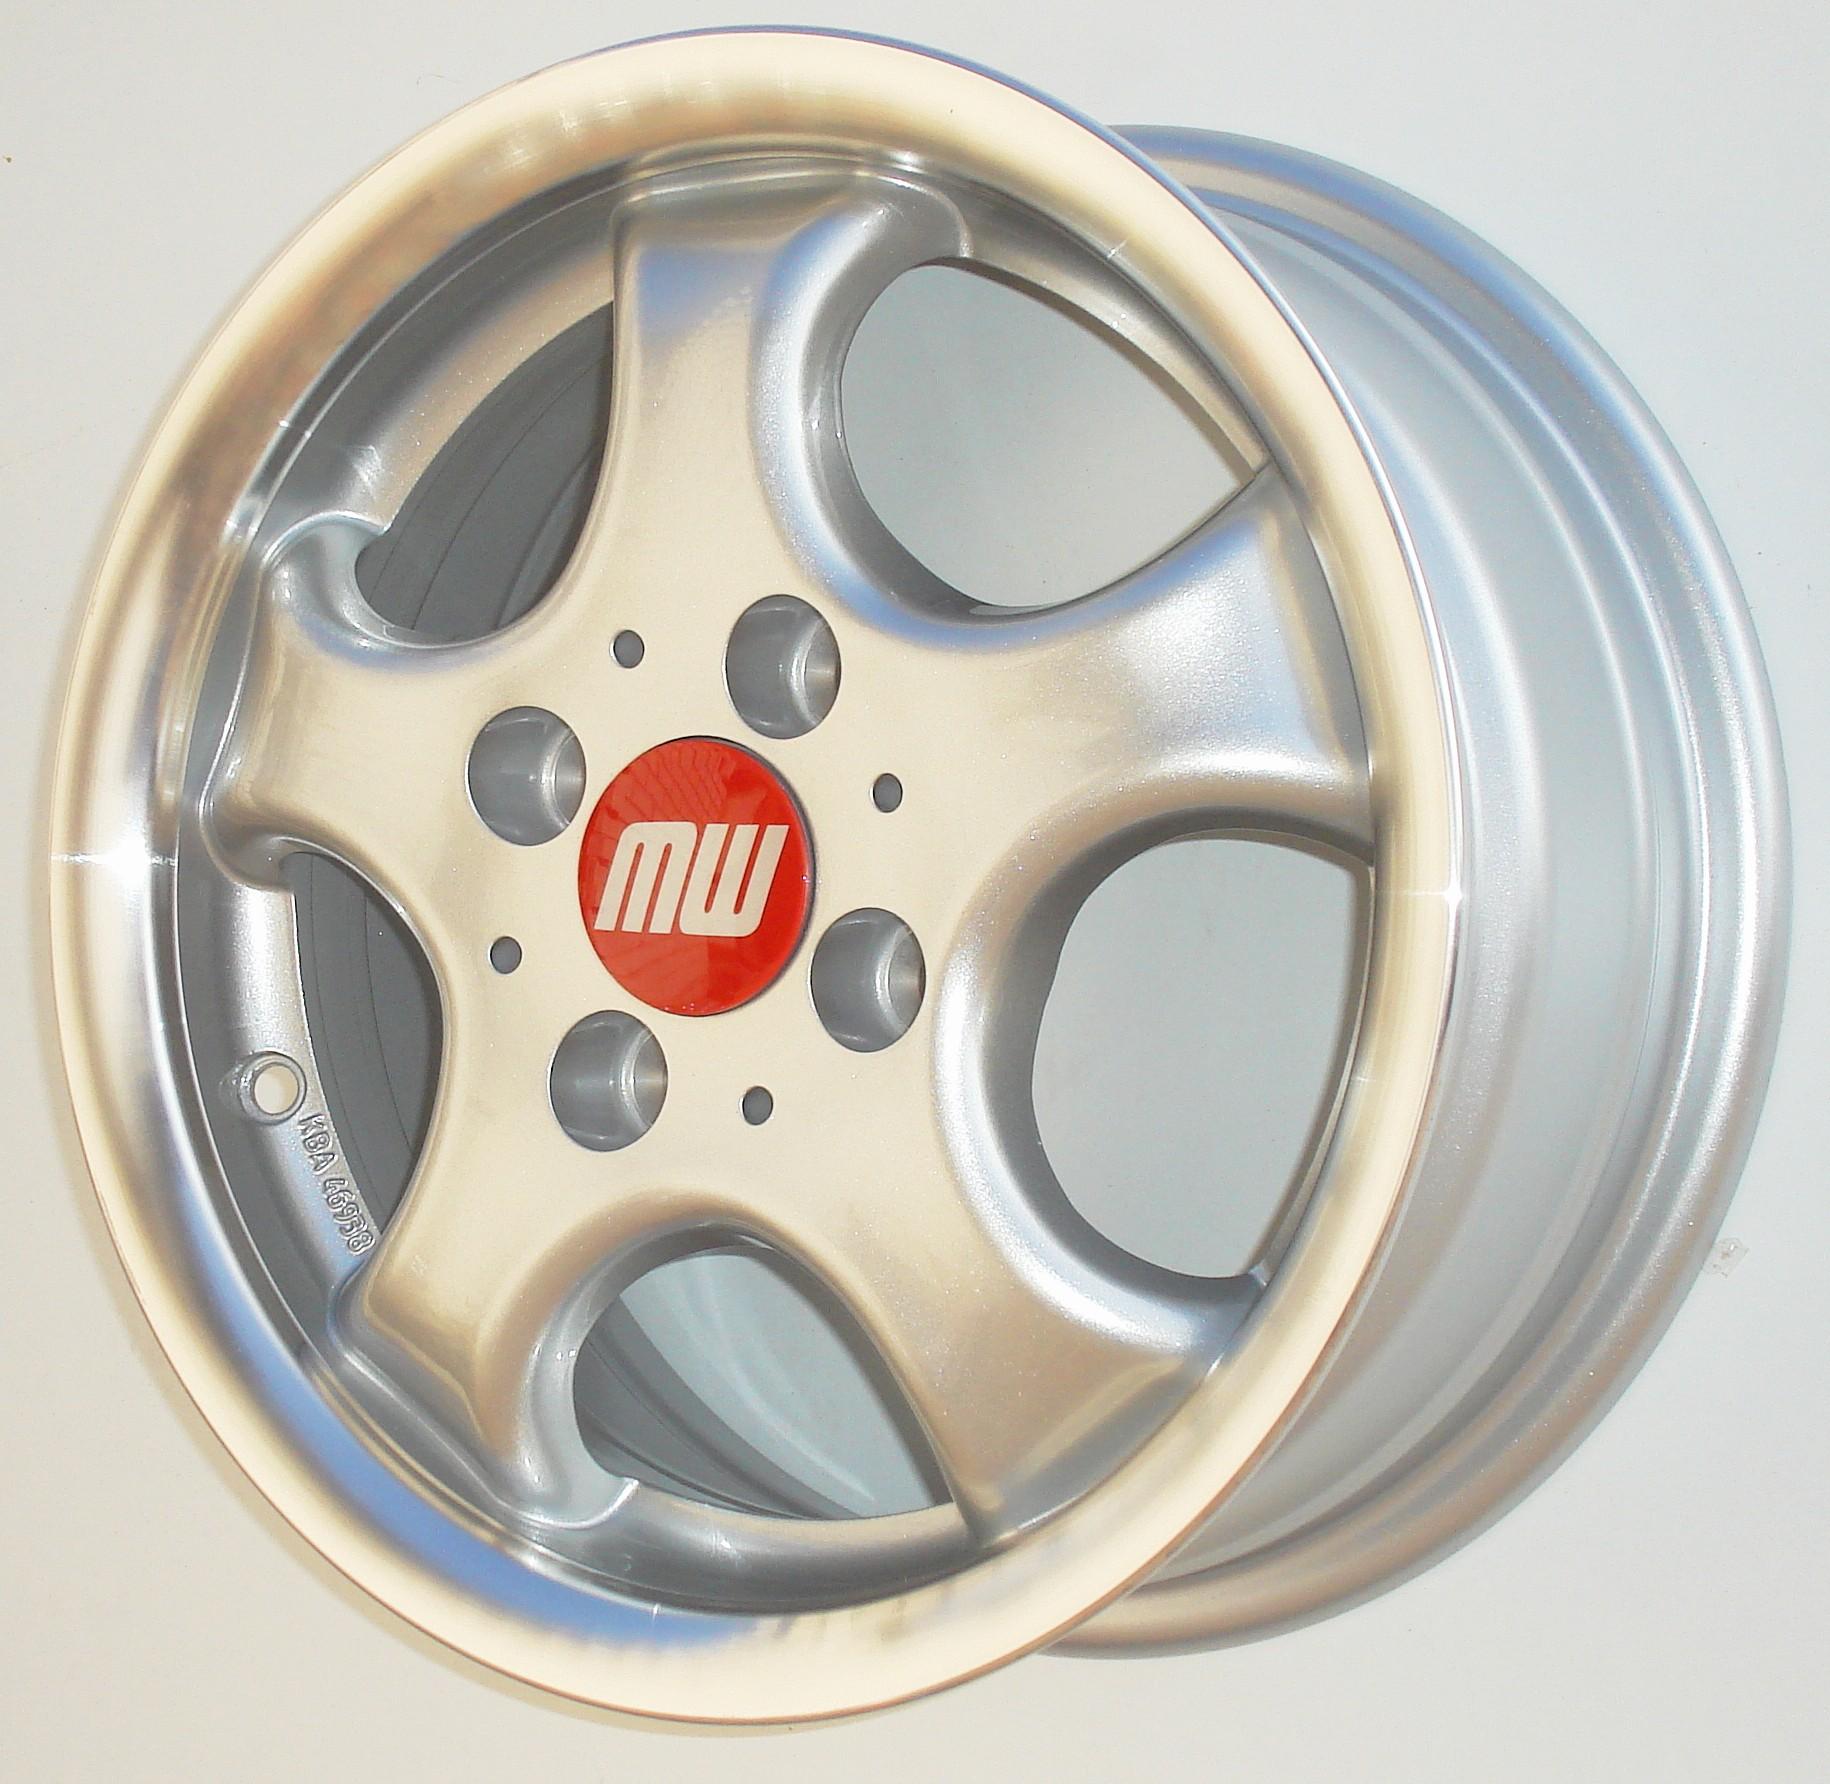 CUP-Rad 6X14 4/100 ET37 -silber metallic  -  zulässige Reifengrössen: 155/65R14, 165/60R14, 165/65R14  mit ABE/Teilegutachten